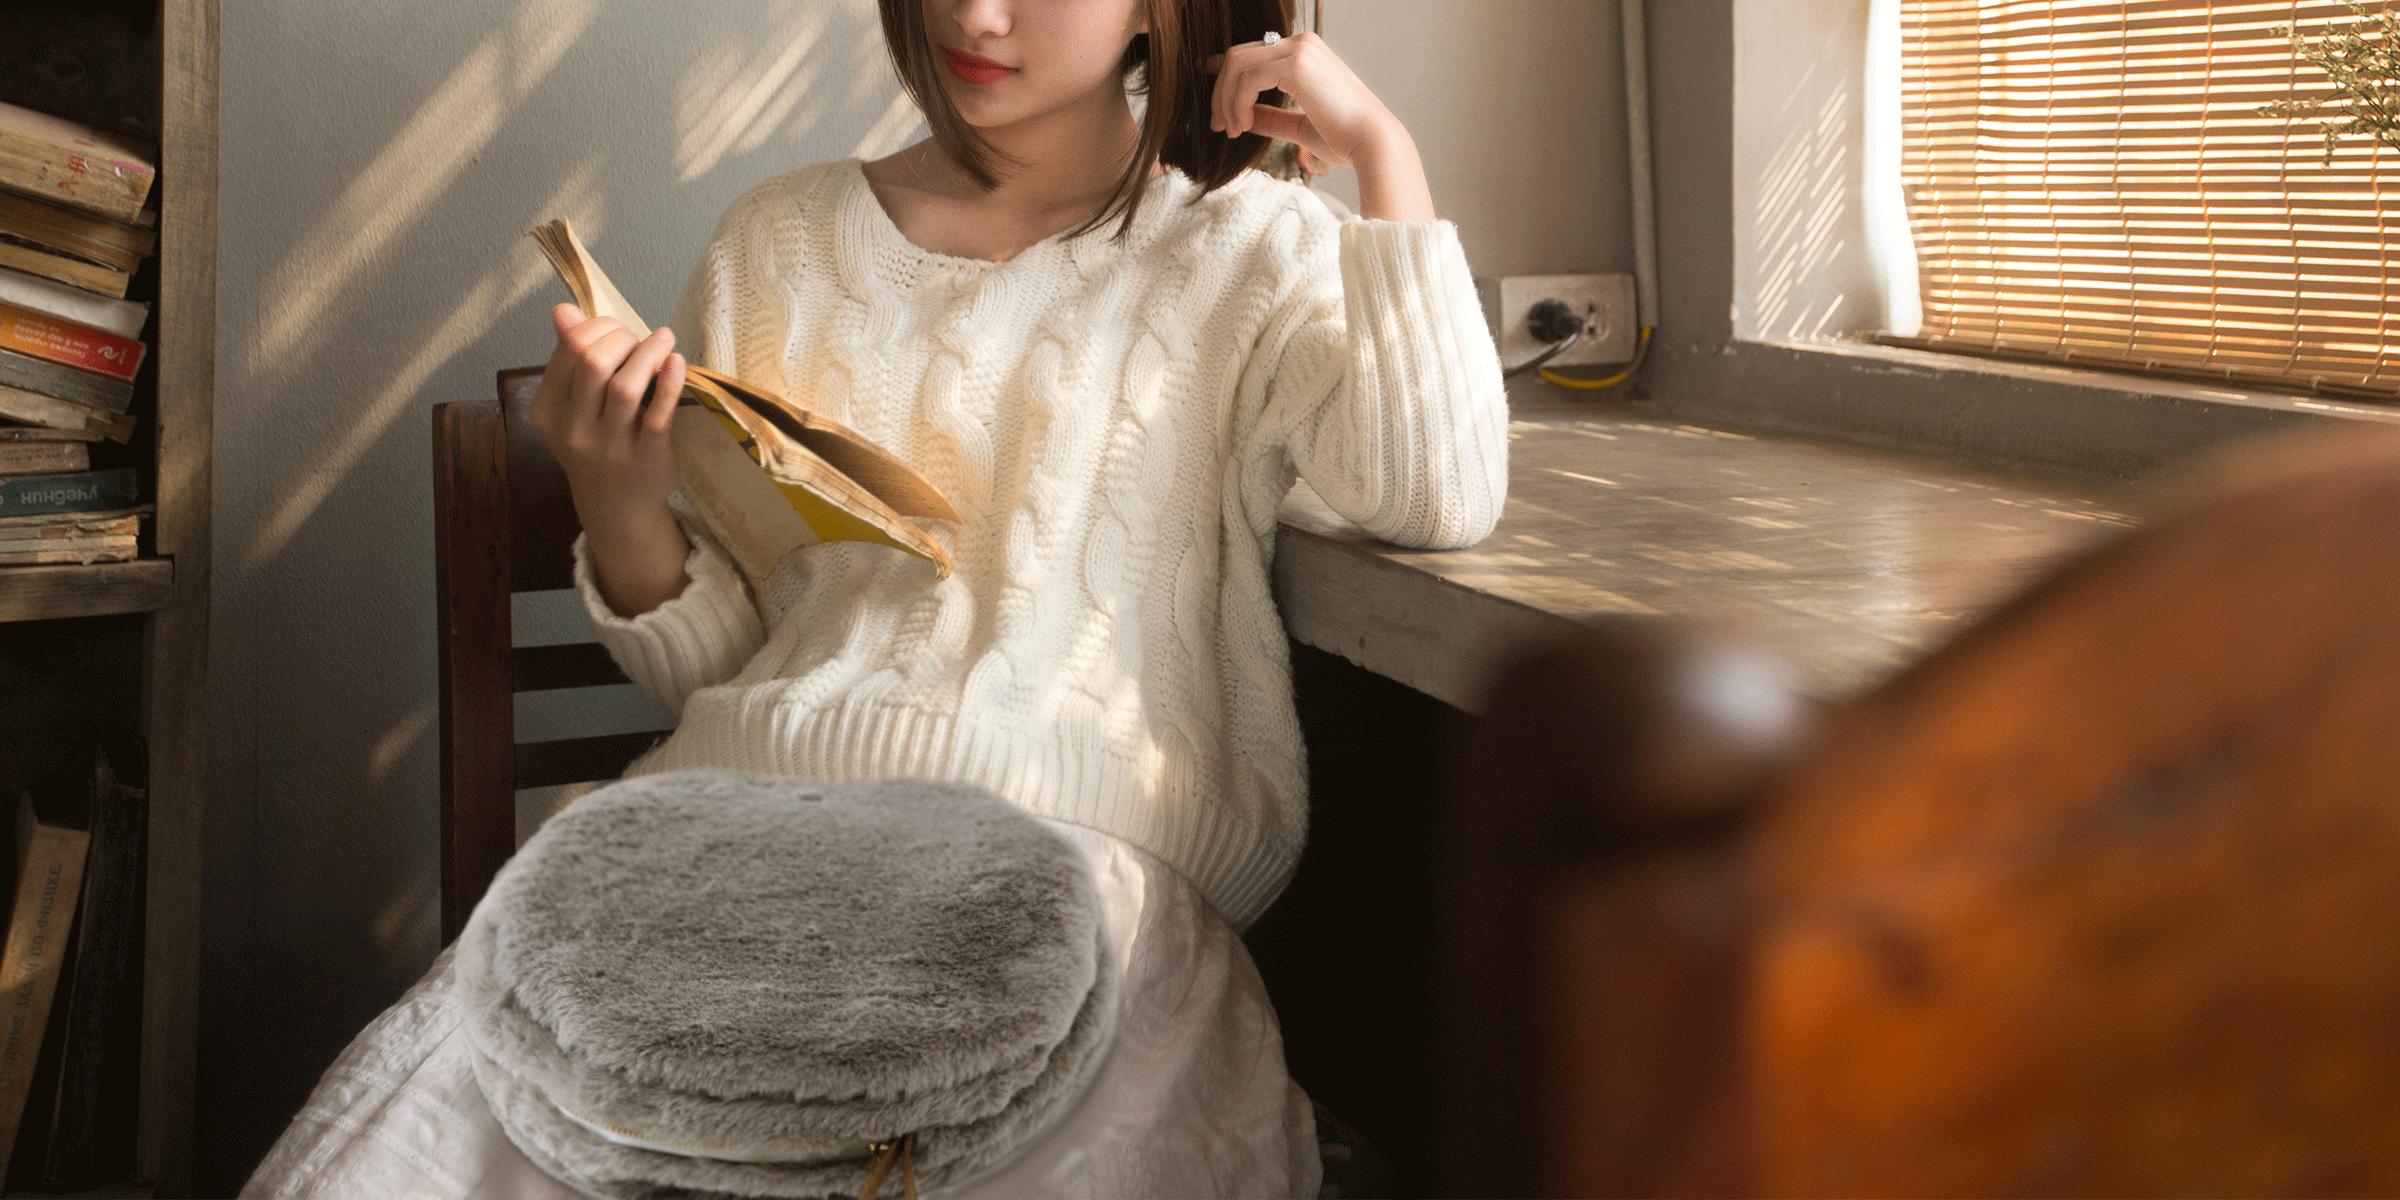 SPICE USBウォーマー 猫 SPICE ひざ掛け おしゃれ かわいい マカロン パステルカラー ブランケット カイロ